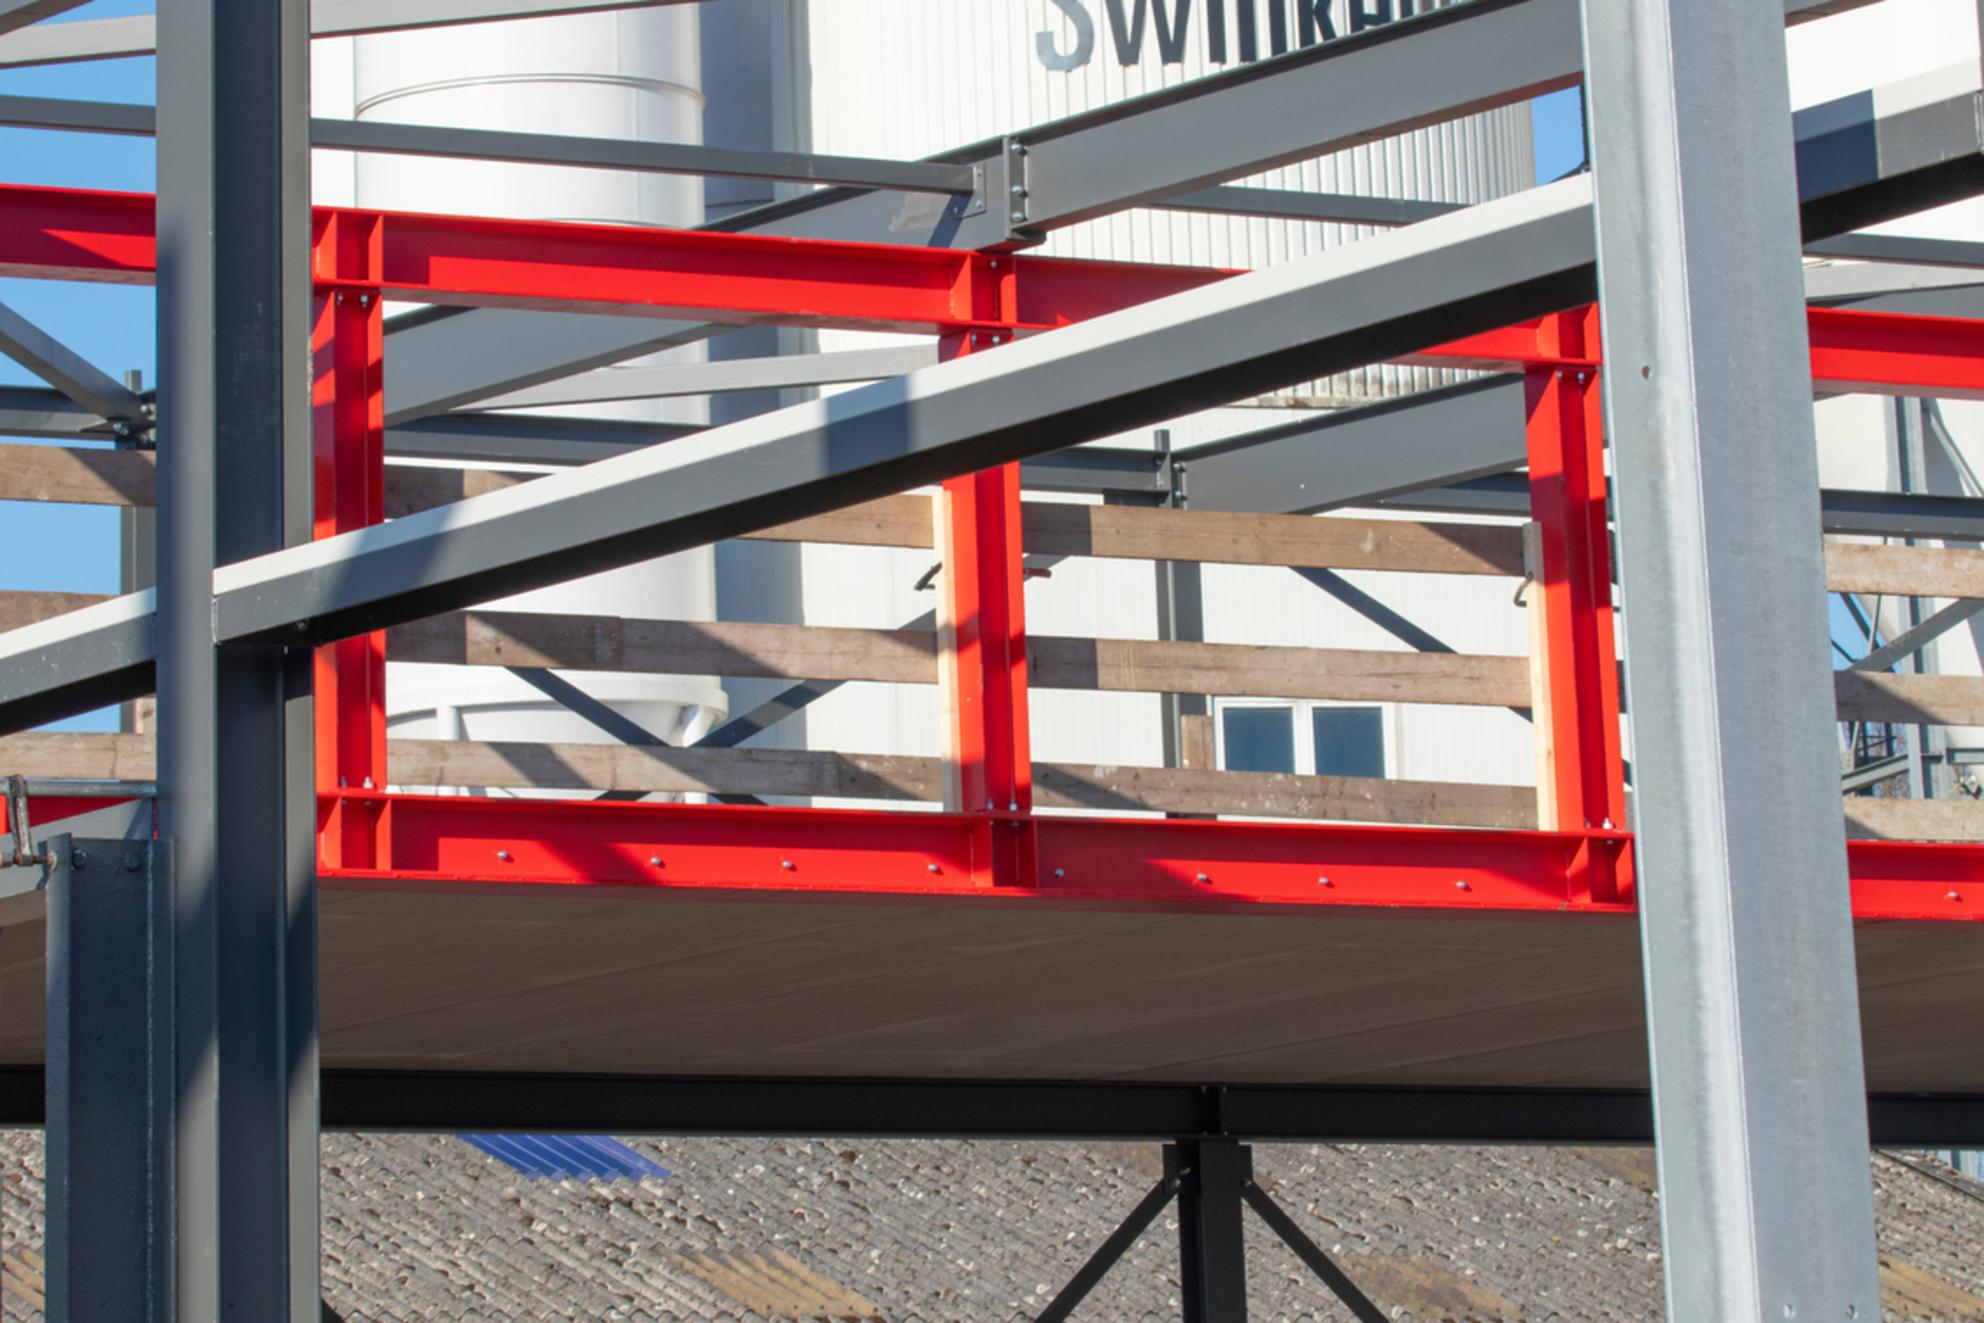 Onder constructie - Fabriekshal Lieshout onder constructie - foto door WillemH52 op 05-03-2021 - deze foto bevat: lijnen, architectuur, gebouw, groningen - Deze foto mag gebruikt worden in een Zoom.nl publicatie